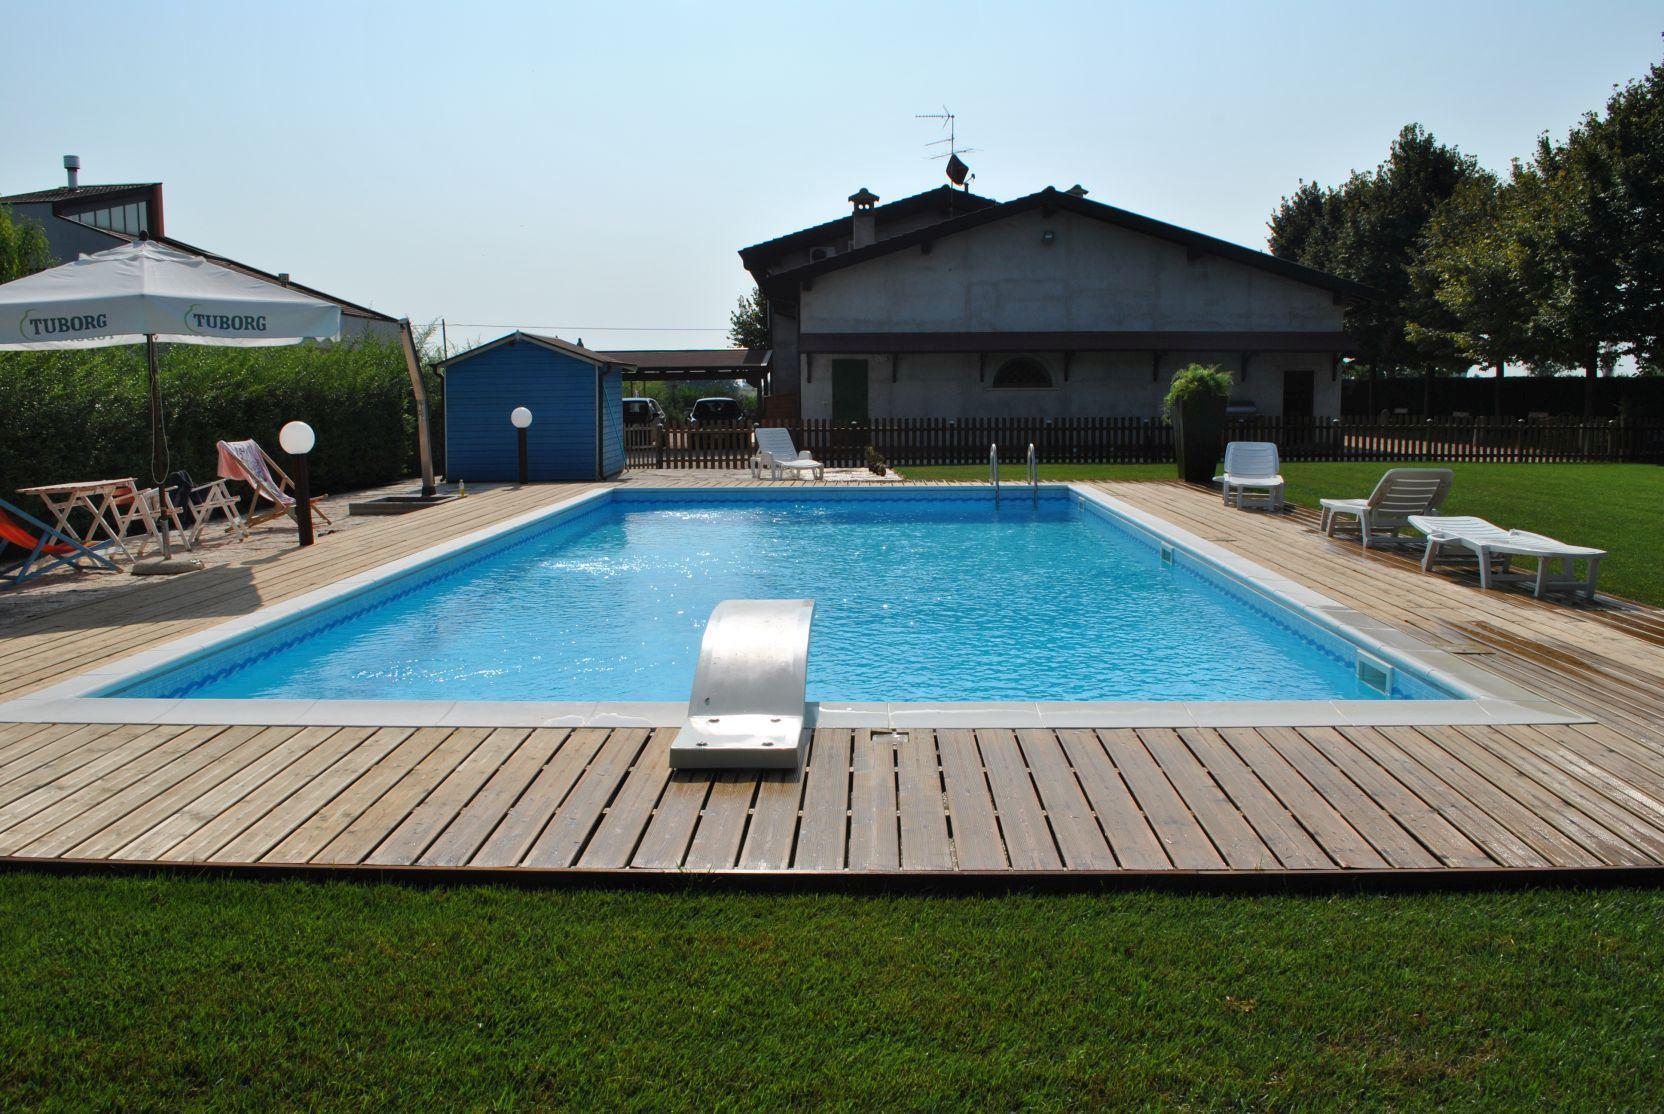 Rodigo 2 casareggio piscine piscine piscine mantova costruttori di piscine - Piscina mantova ...